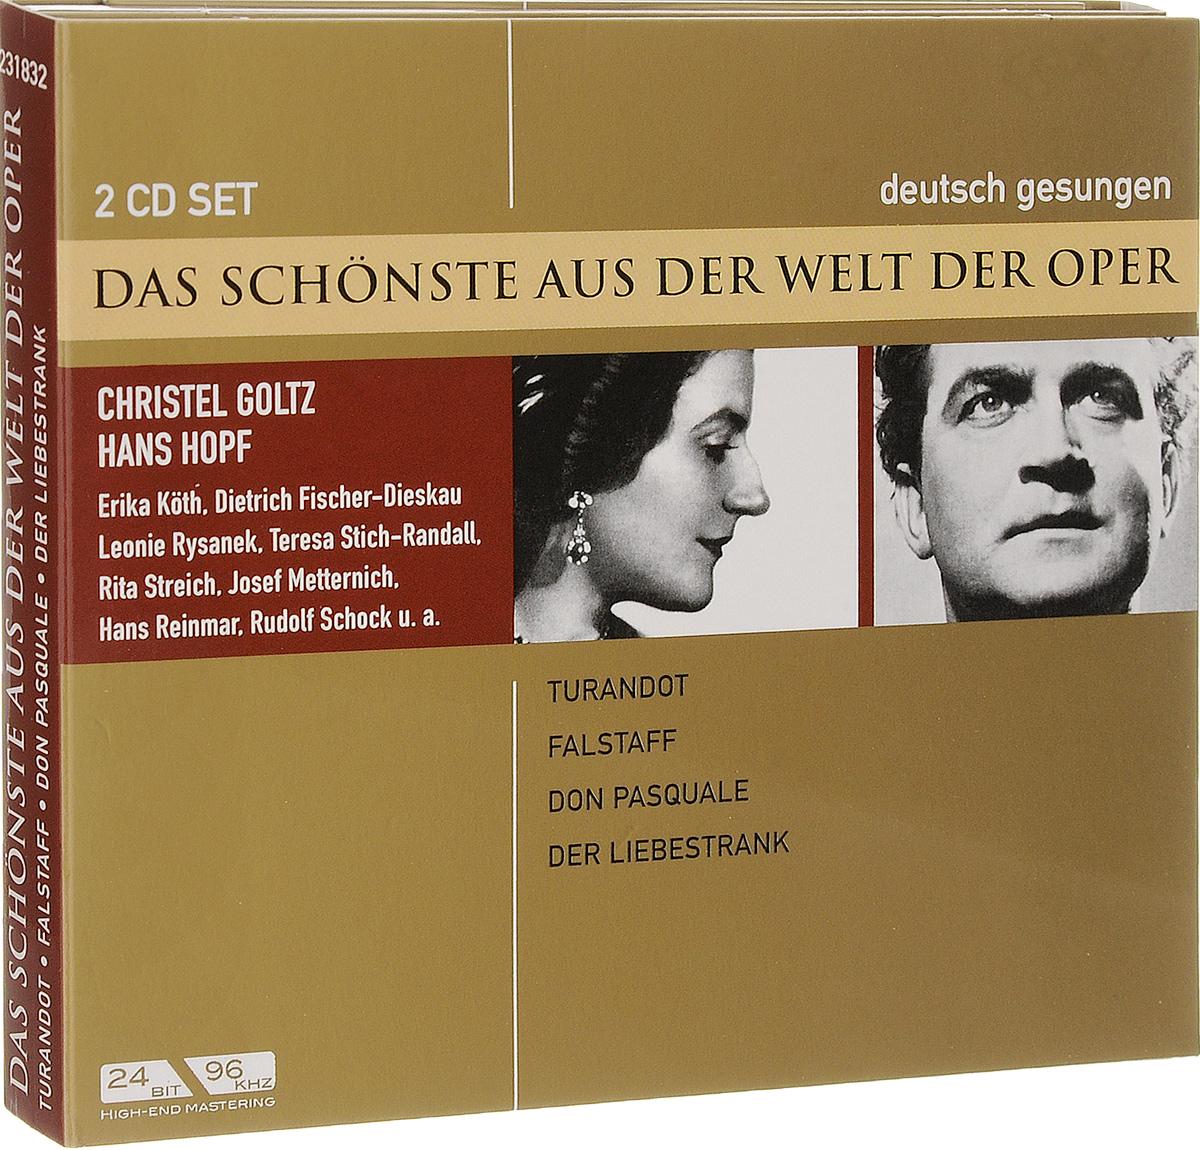 Кристель Гольтц,Ганс Хопф Das Schonste Aus Der Welt Der Oper. Goltz / Hopf. Turandot / Don Pasquale (2 CD) цена